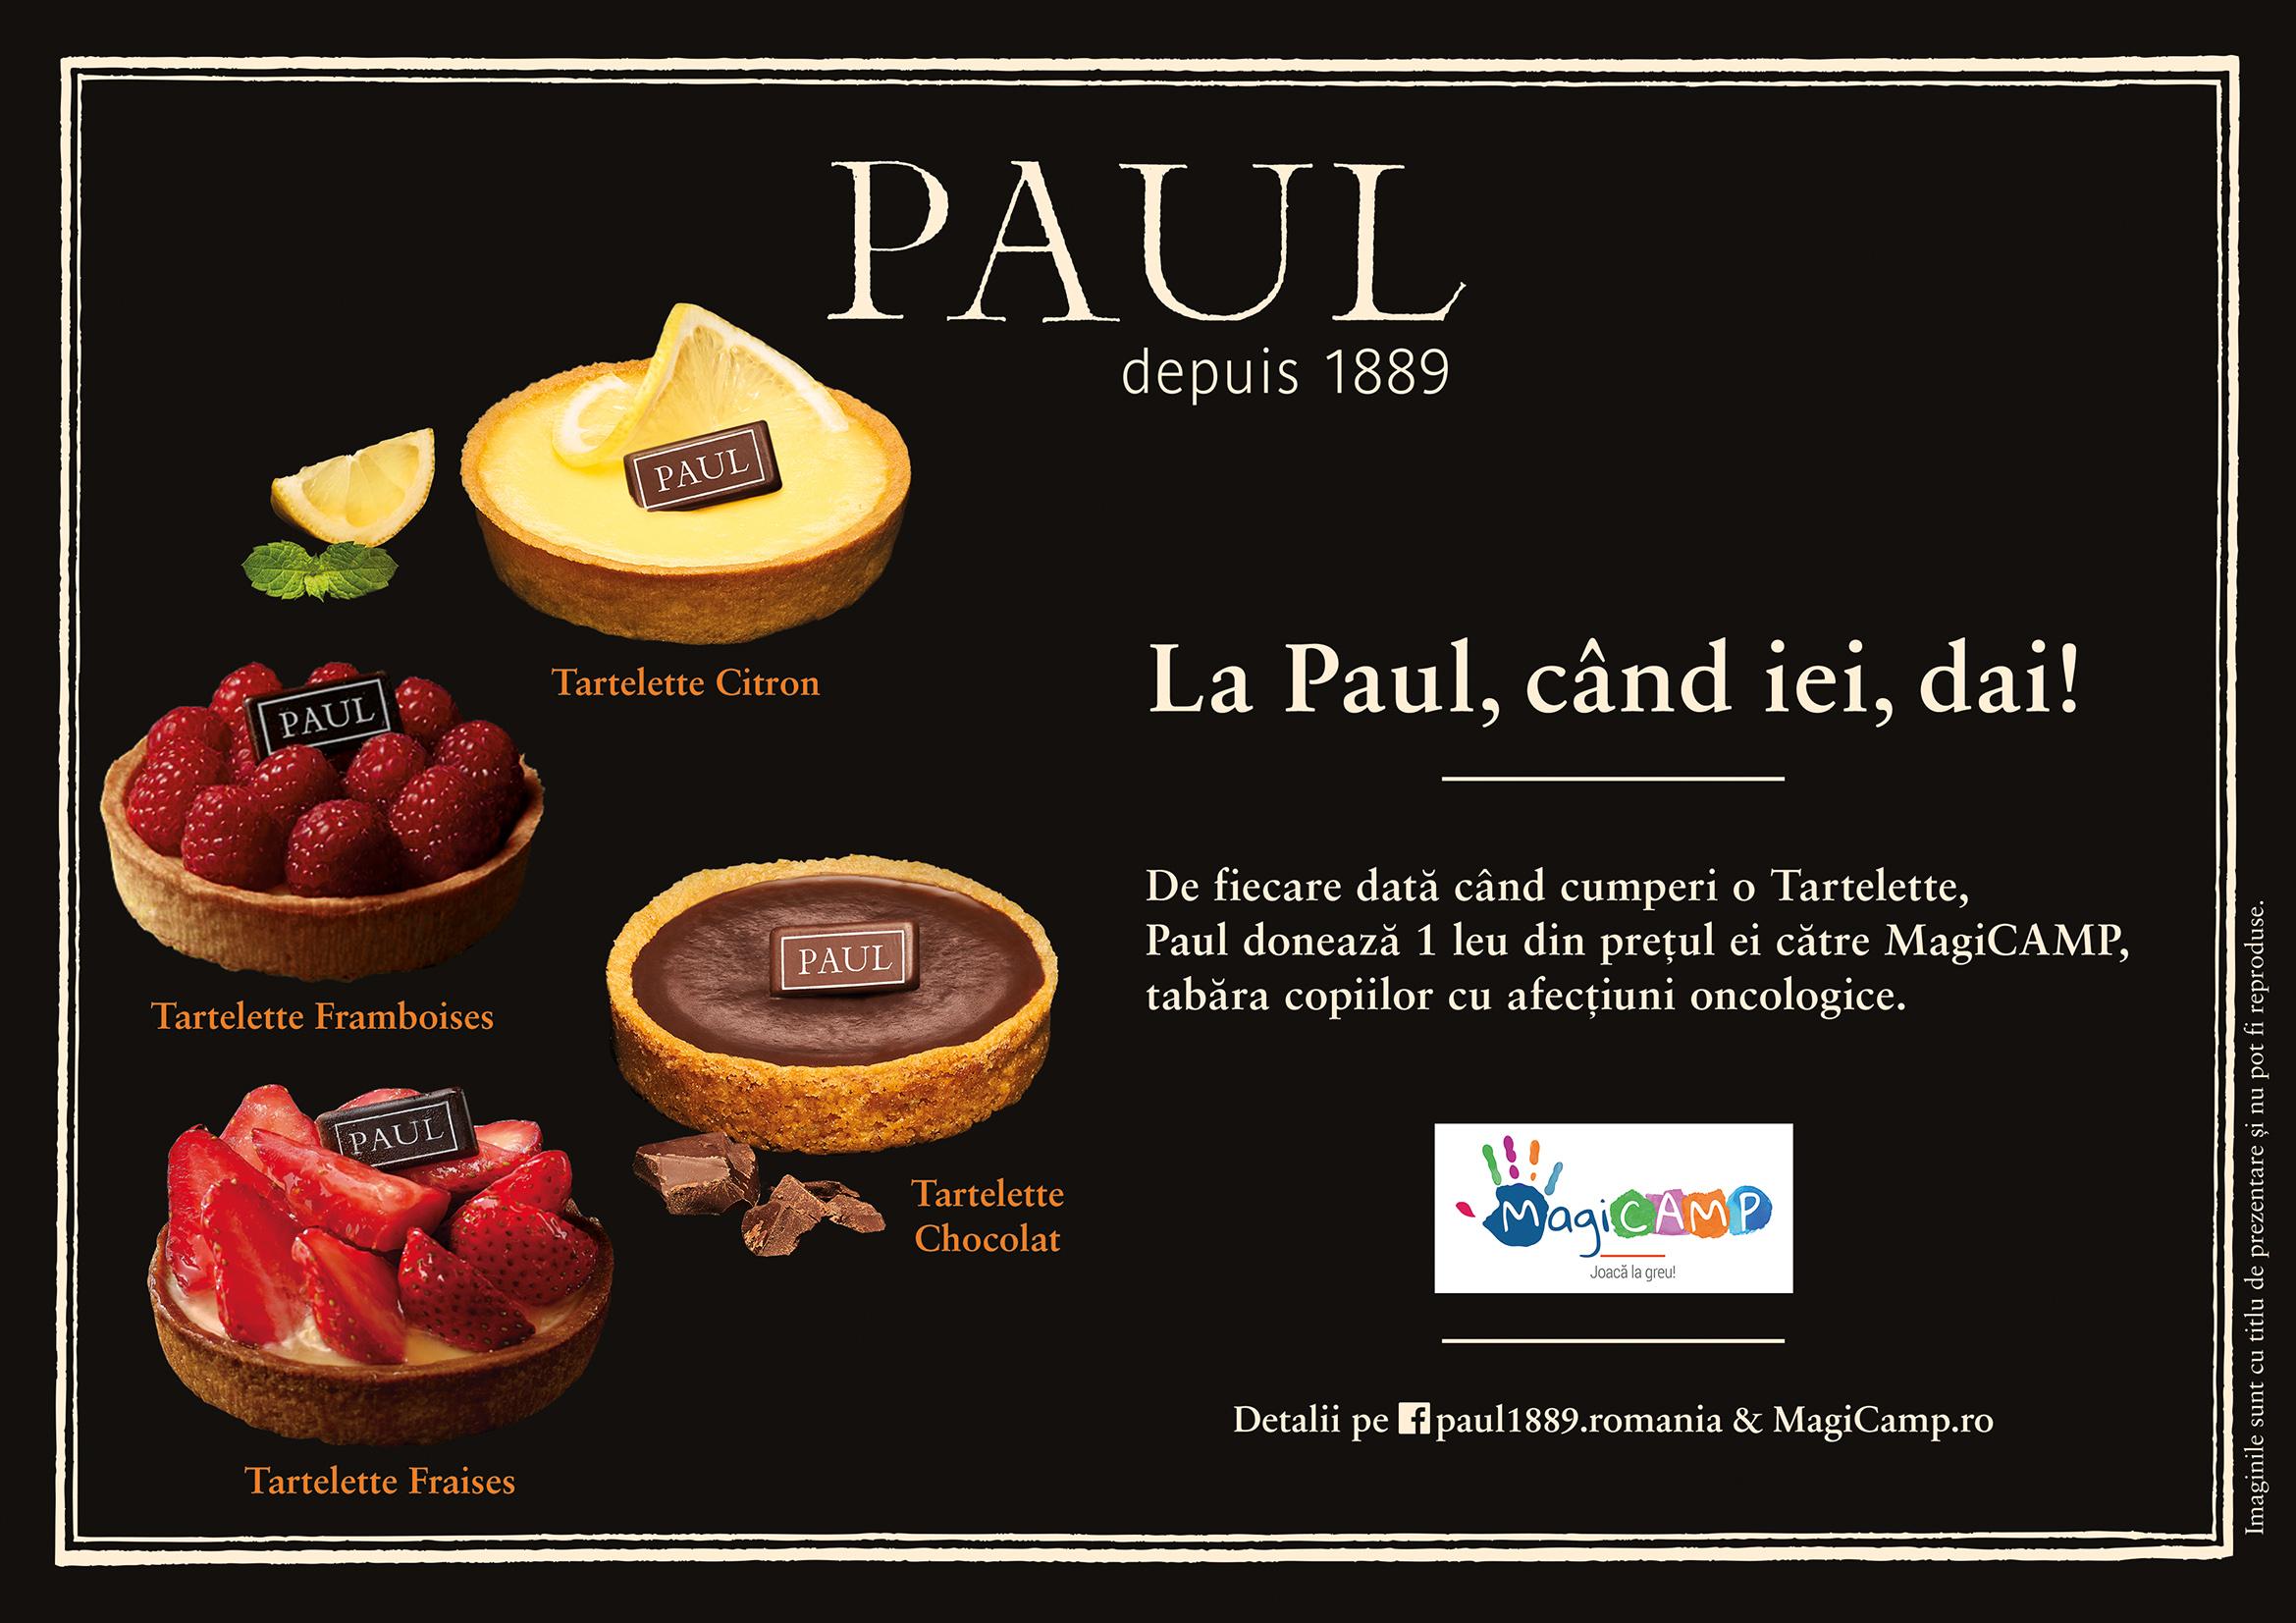 Brutăriile PAUL, alături de clienții săi, sprijină MagiCAMP cu peste 71.000 Lei